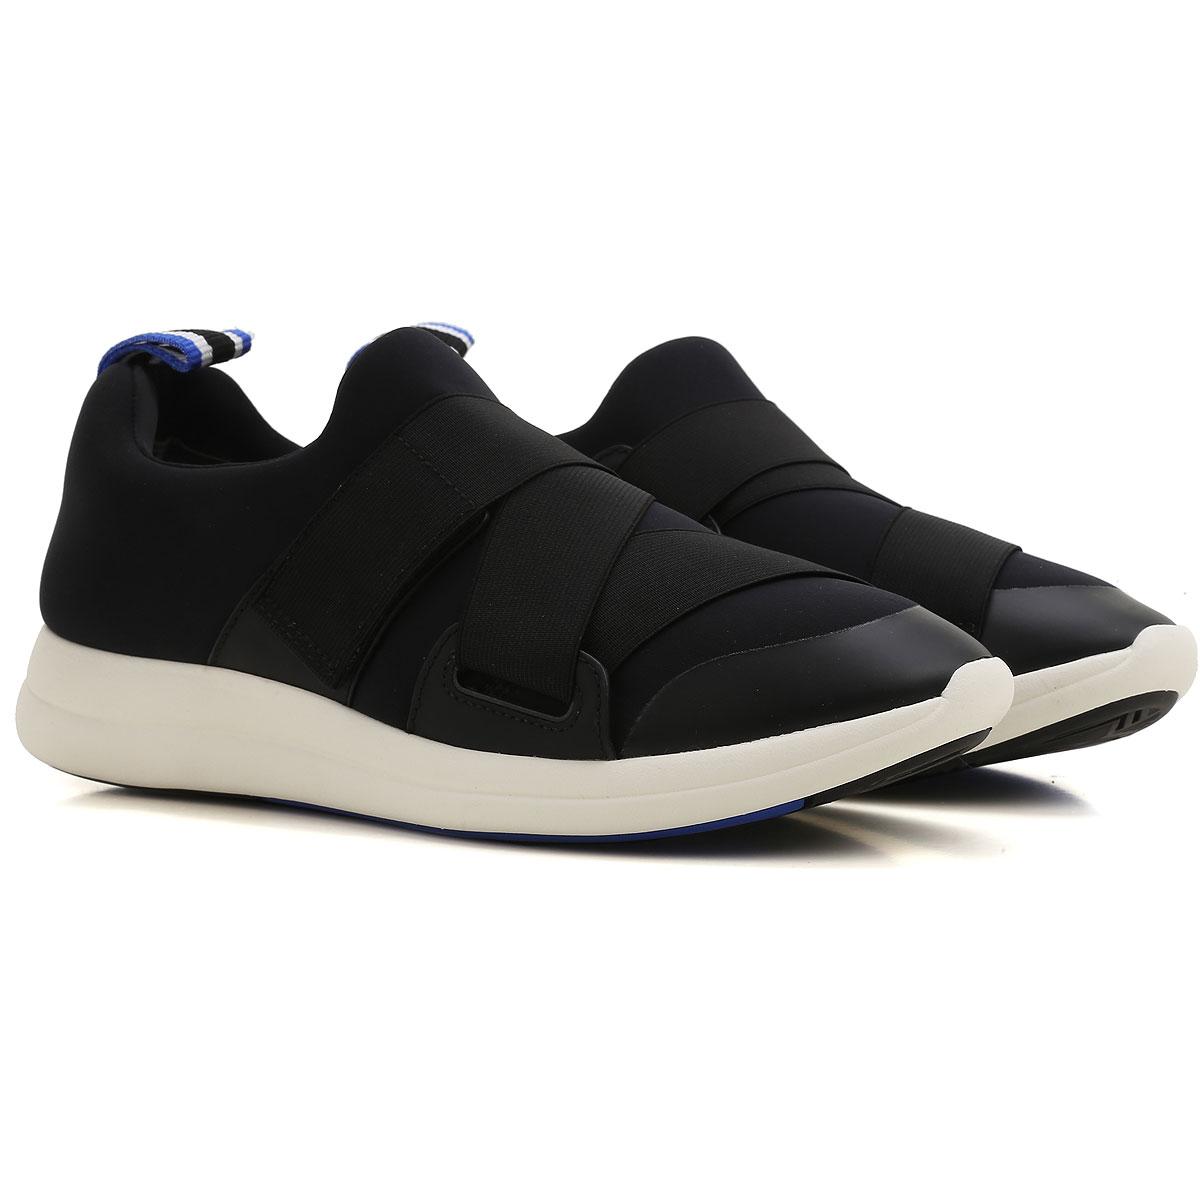 Tory Burch Sneaker Femme , Noir, Néoprène, 2017, 35 36 36.5 37 37.5 38.5 39